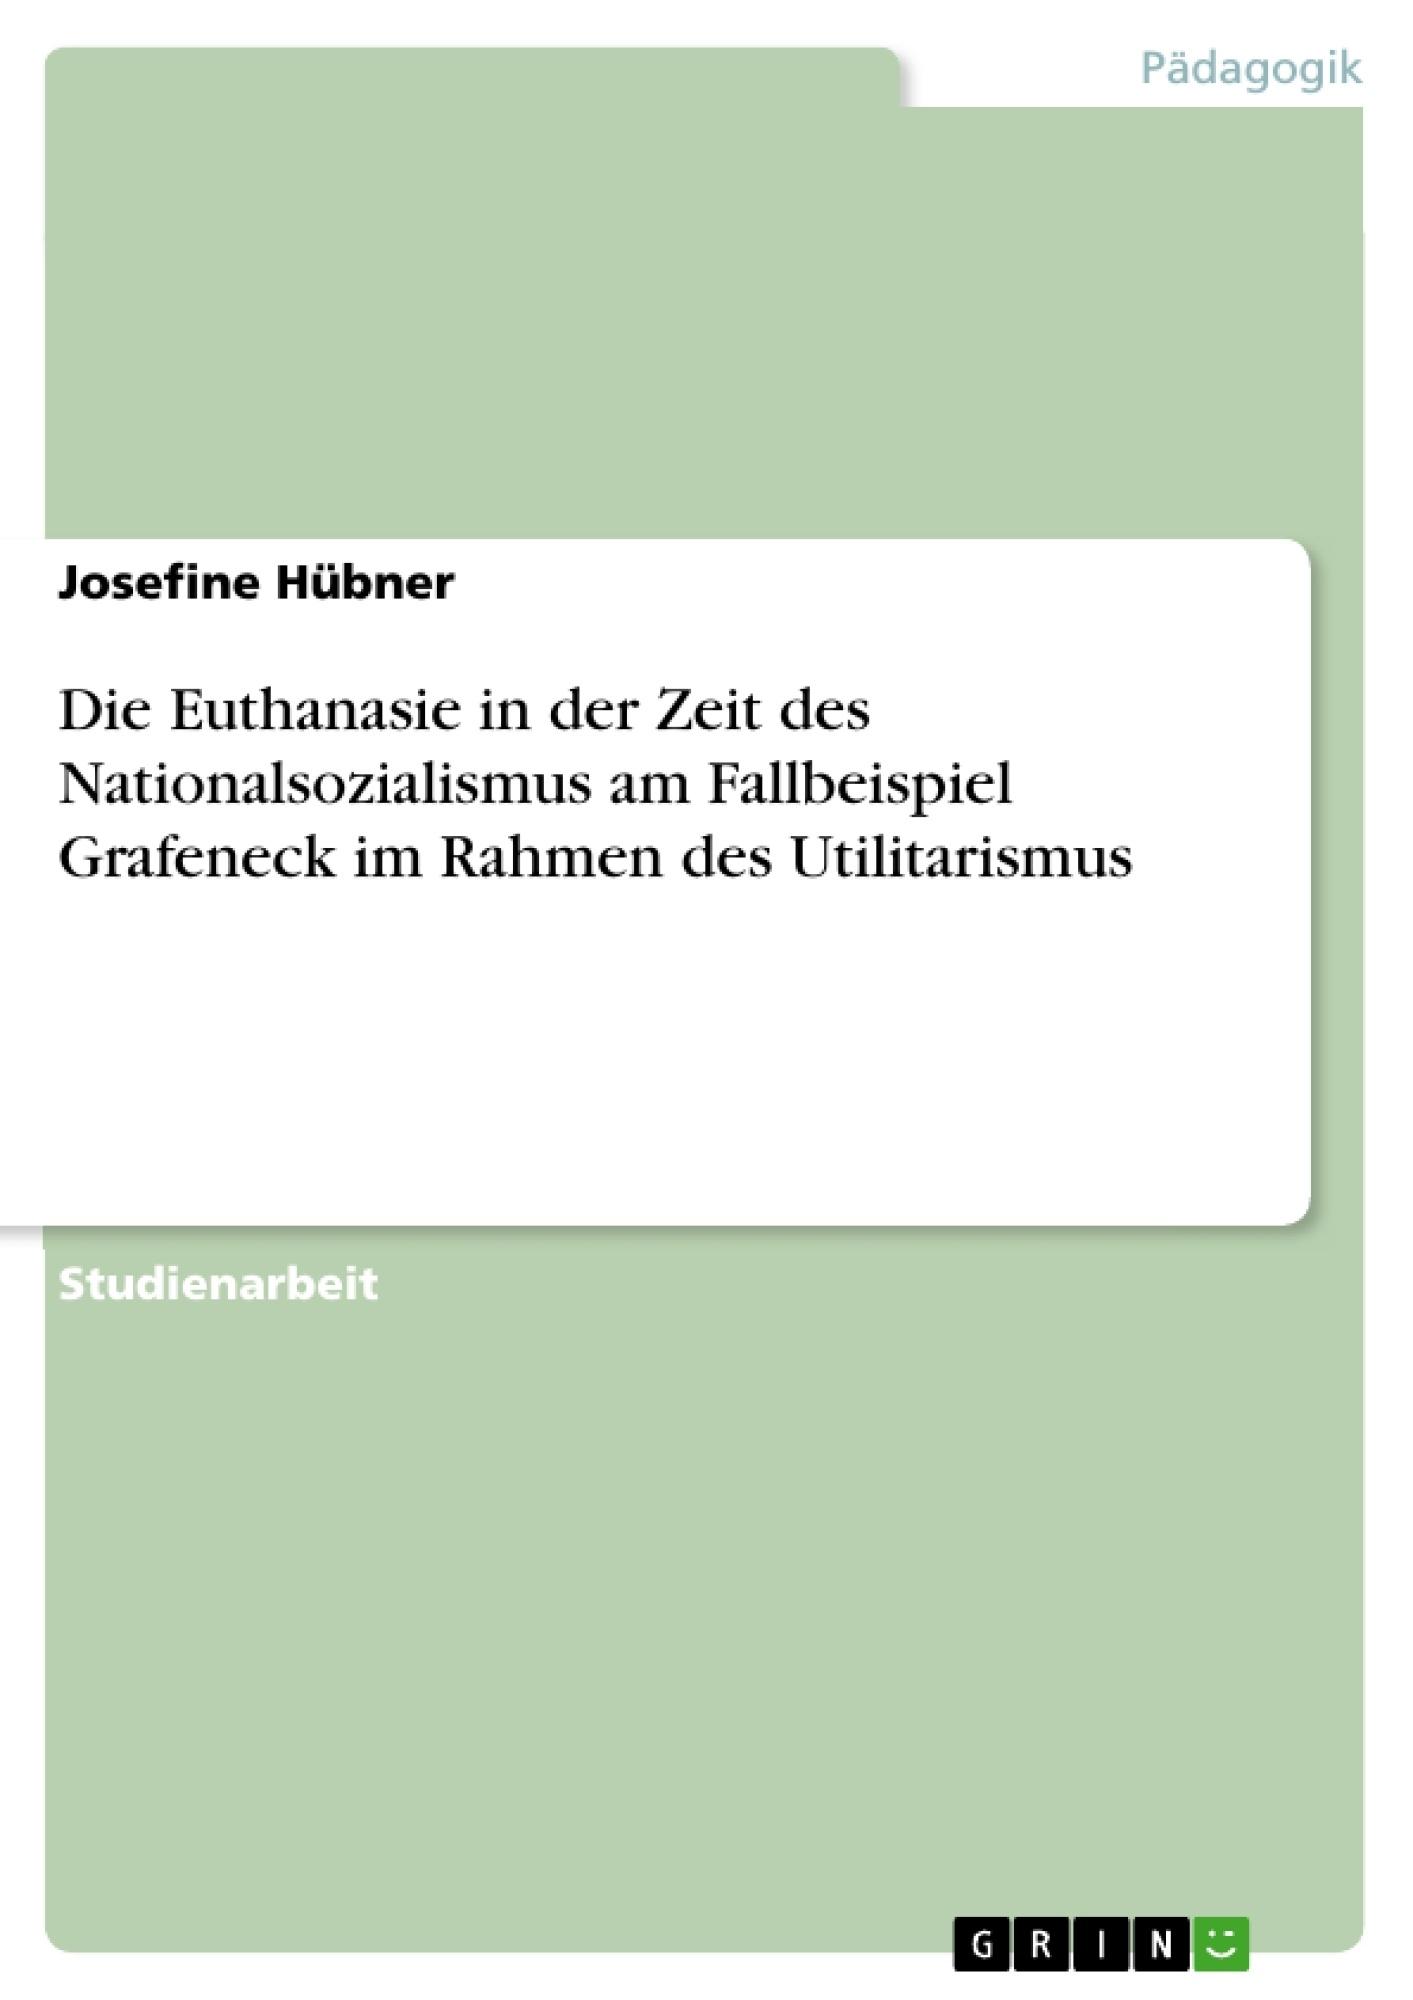 Titel: Die Euthanasie in der Zeit des Nationalsozialismus am Fallbeispiel Grafeneck im Rahmen des Utilitarismus